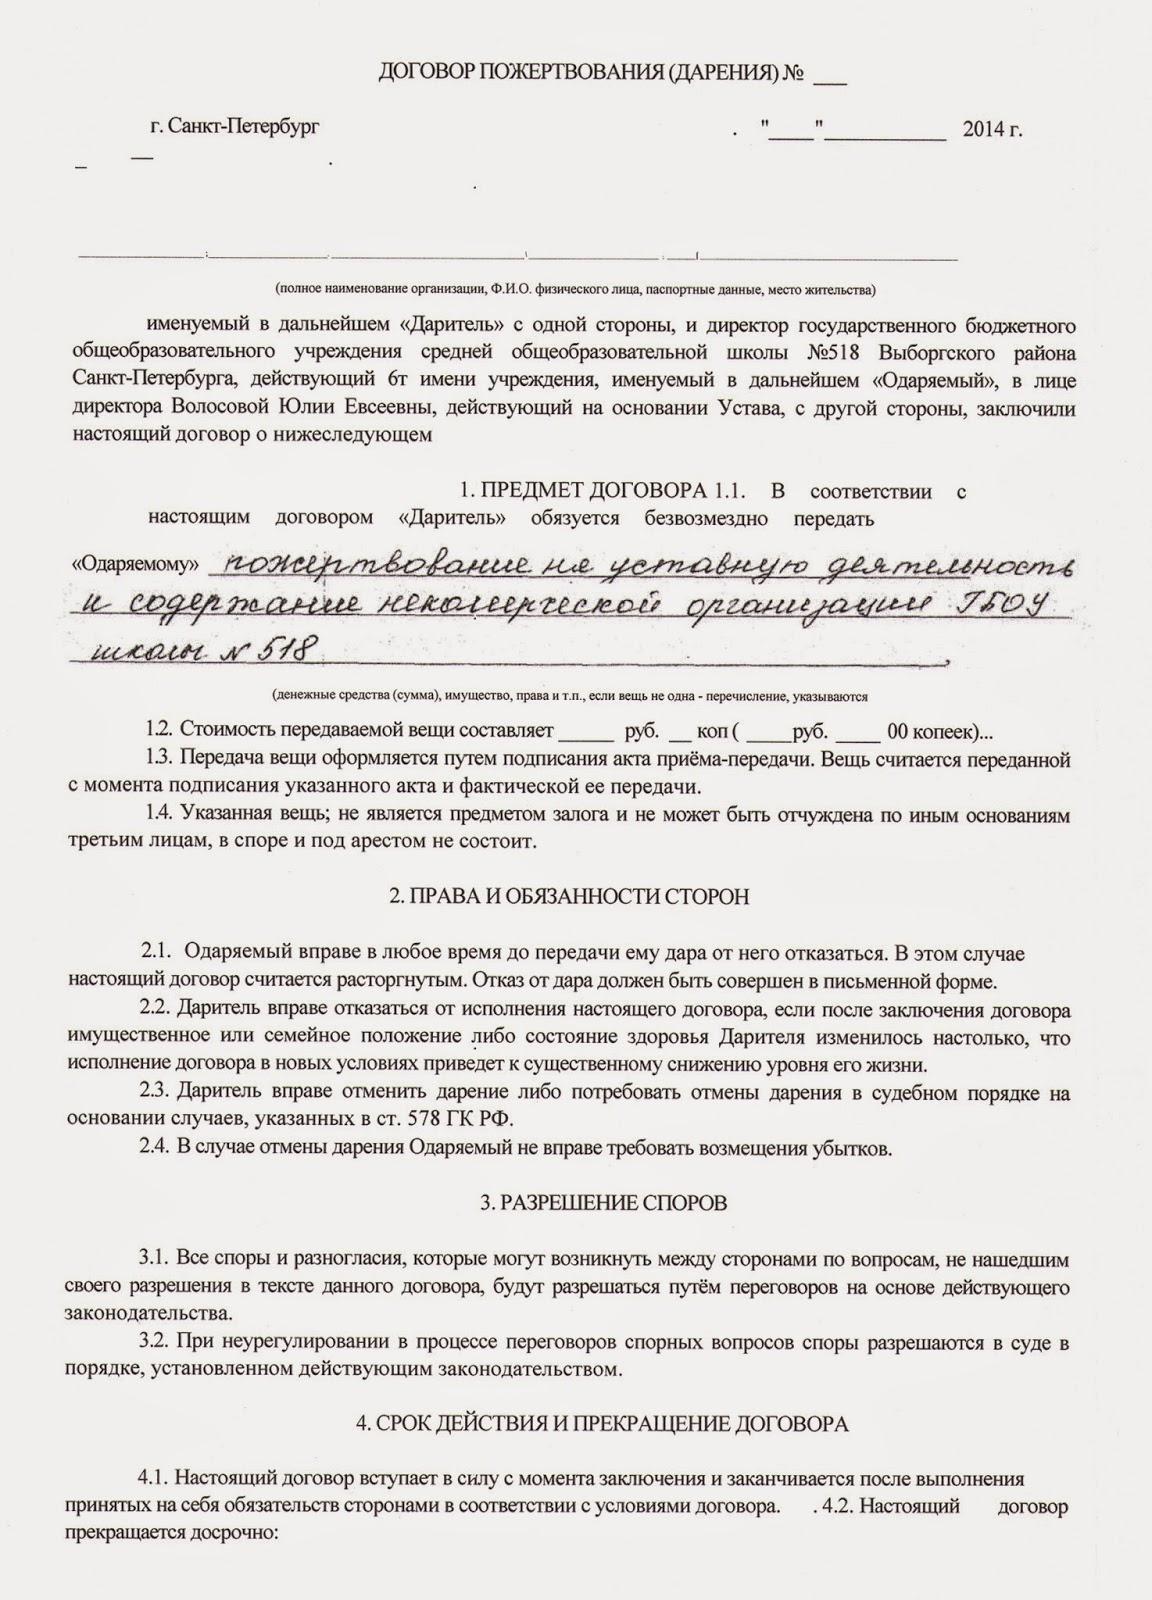 Образец договор дарения подарка сотруднику образец 63